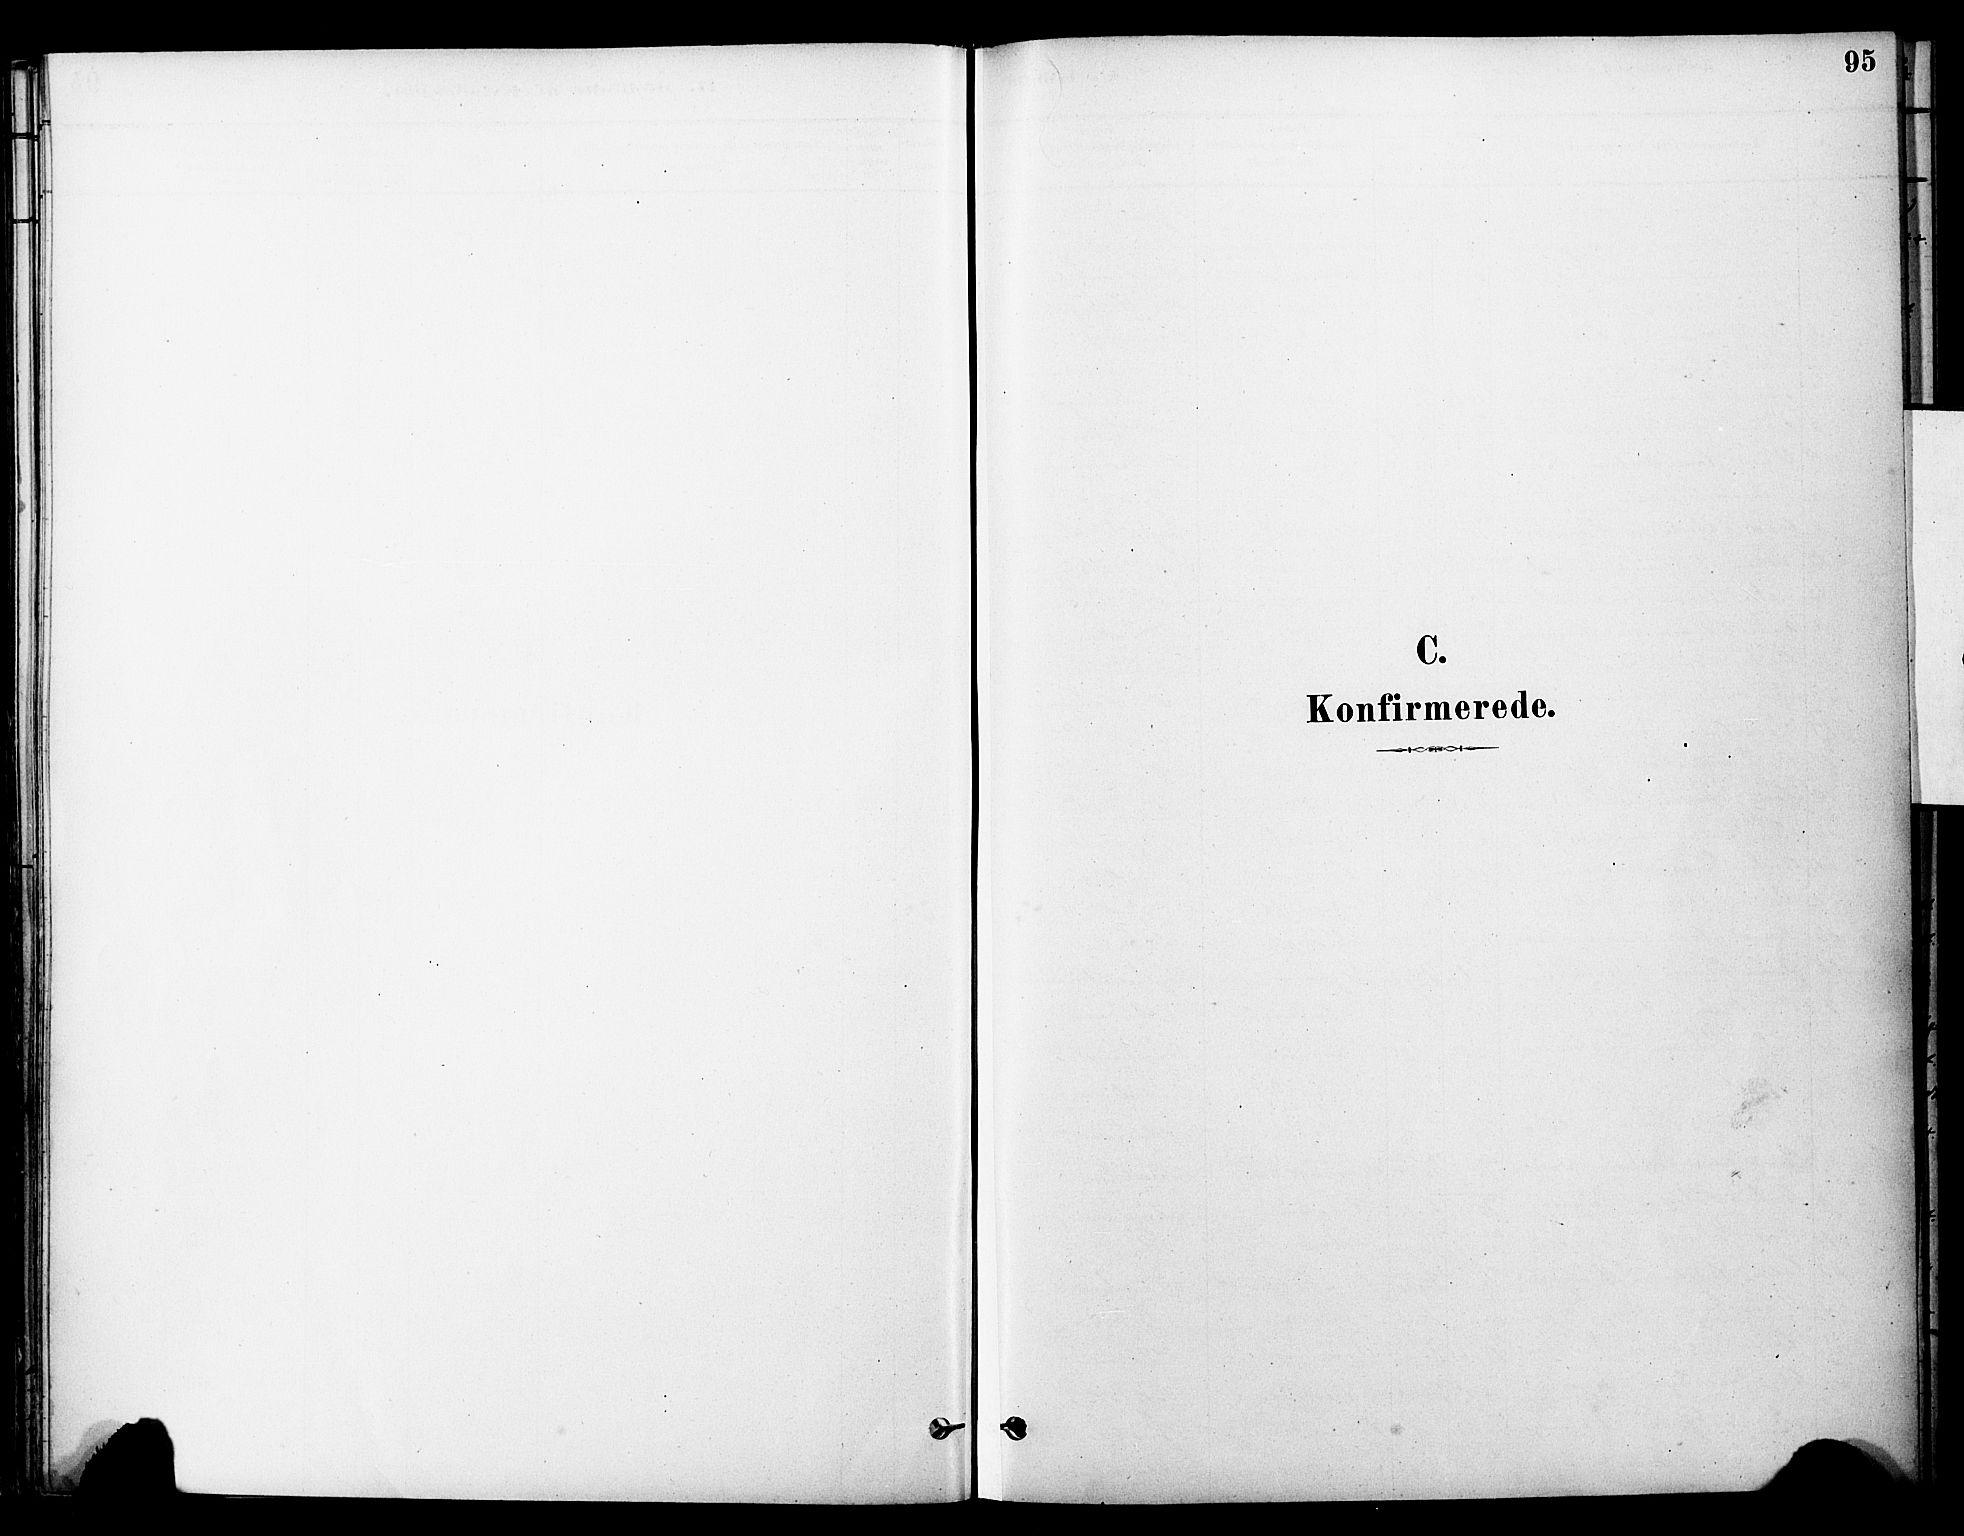 SAT, Ministerialprotokoller, klokkerbøker og fødselsregistre - Sør-Trøndelag, 681/L0933: Ministerialbok nr. 681A11, 1879-1890, s. 95